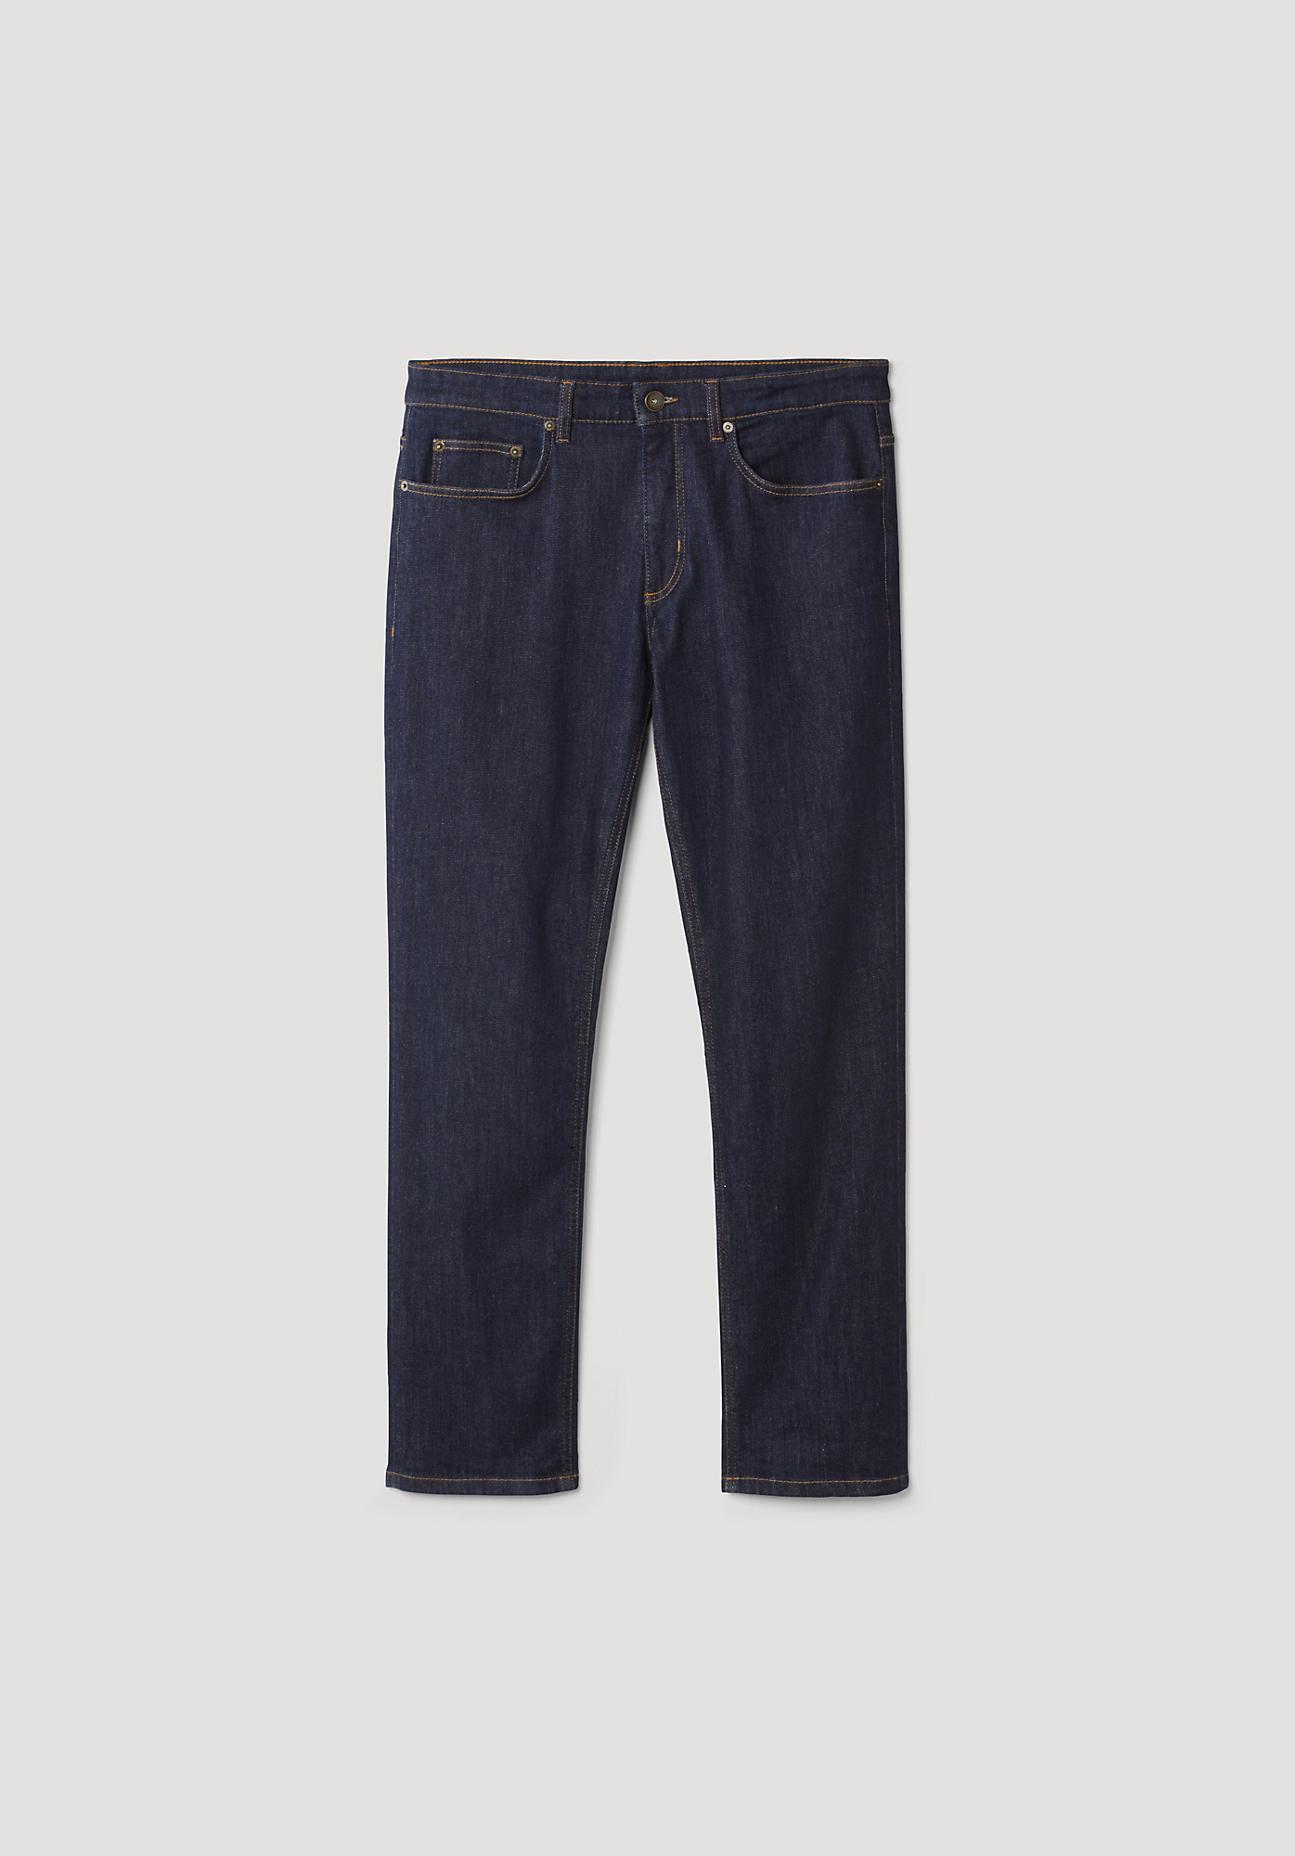 hessnatur Herren Jeans Ben Straight Fit aus Bio-Denim – blau – Größe 34/30